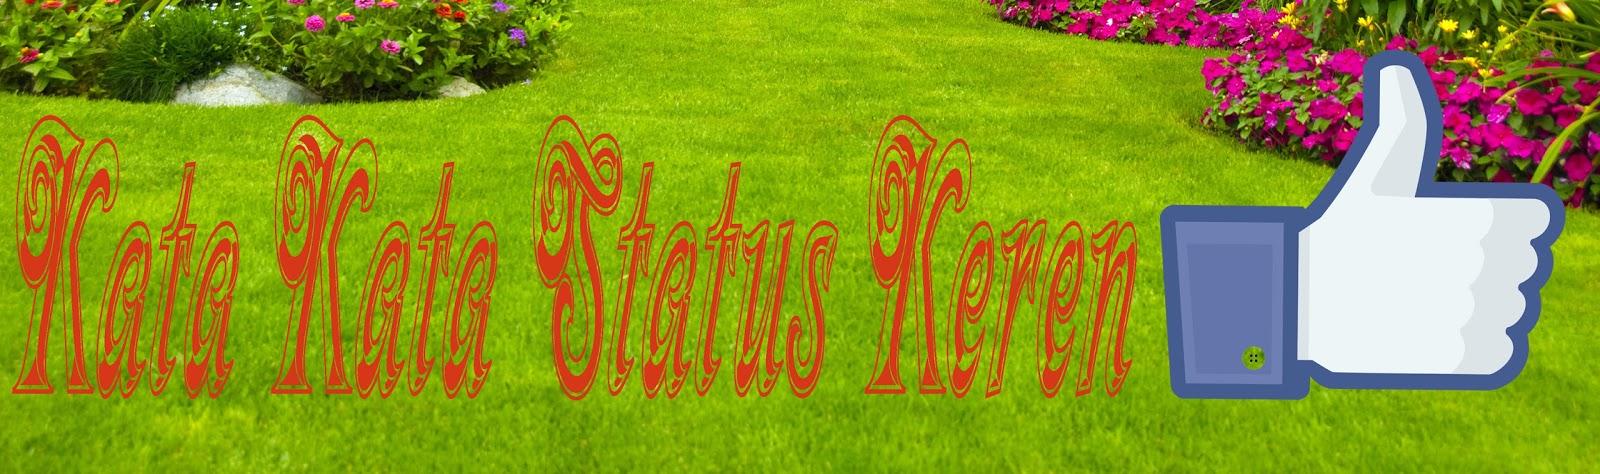 50 Kata Kata Status Keren Buat Semua Status Di Social Media Dsaif